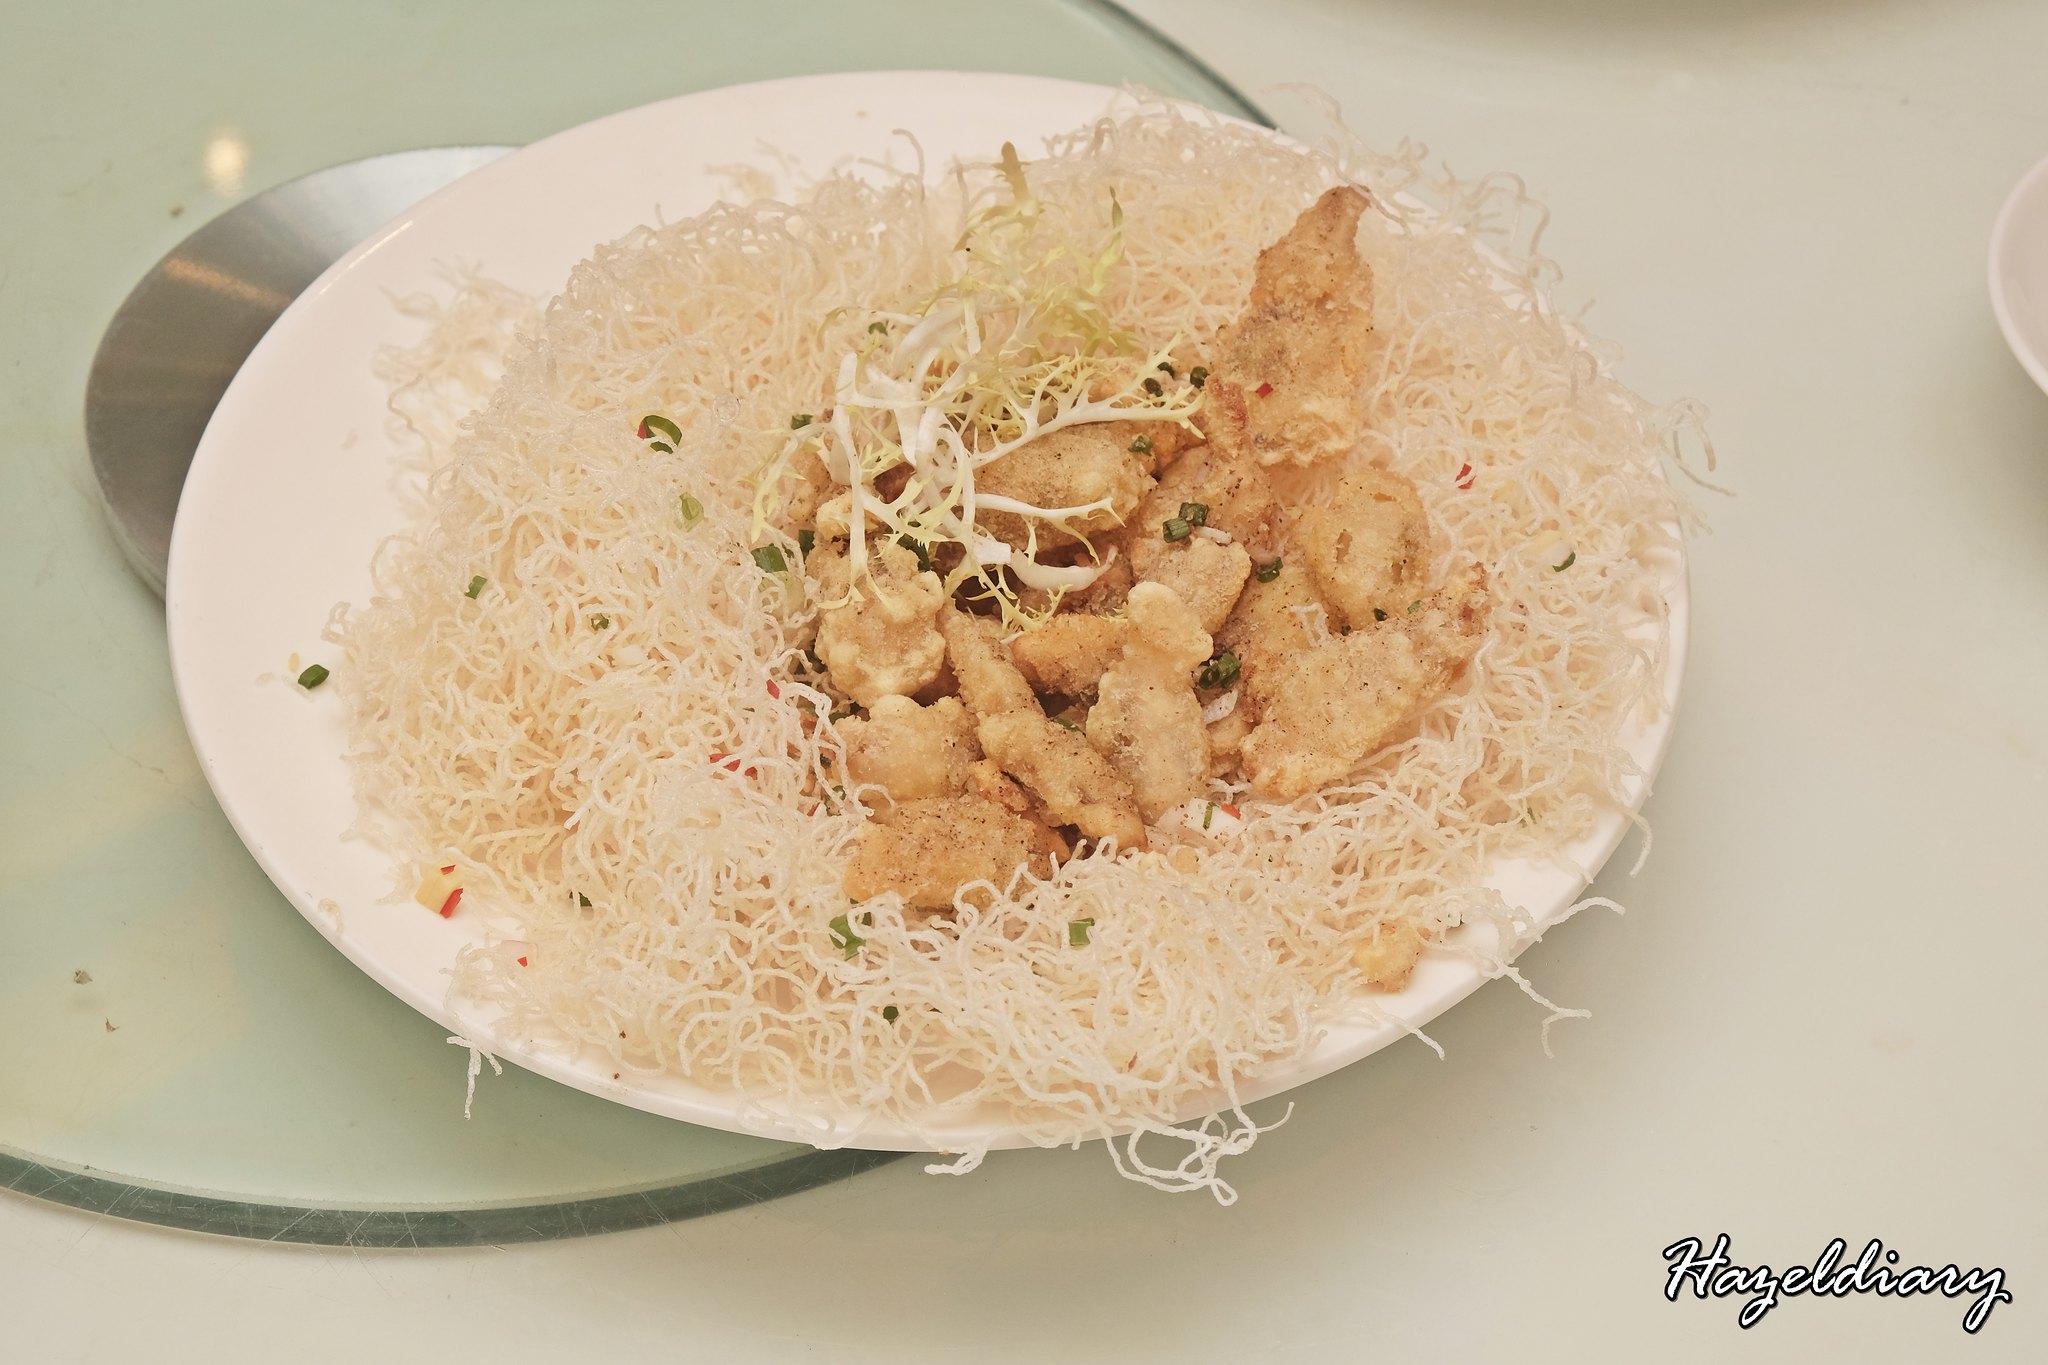 Putien-Deep-fried DUOTOU Clam